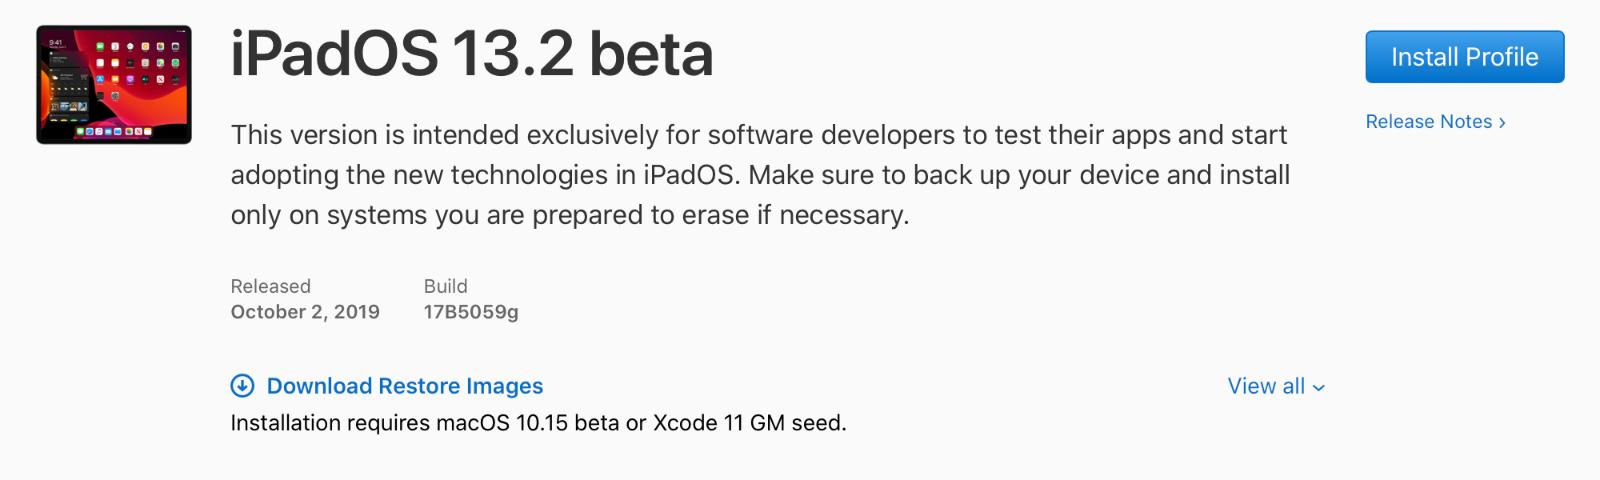 iPadOS 13.2 beta